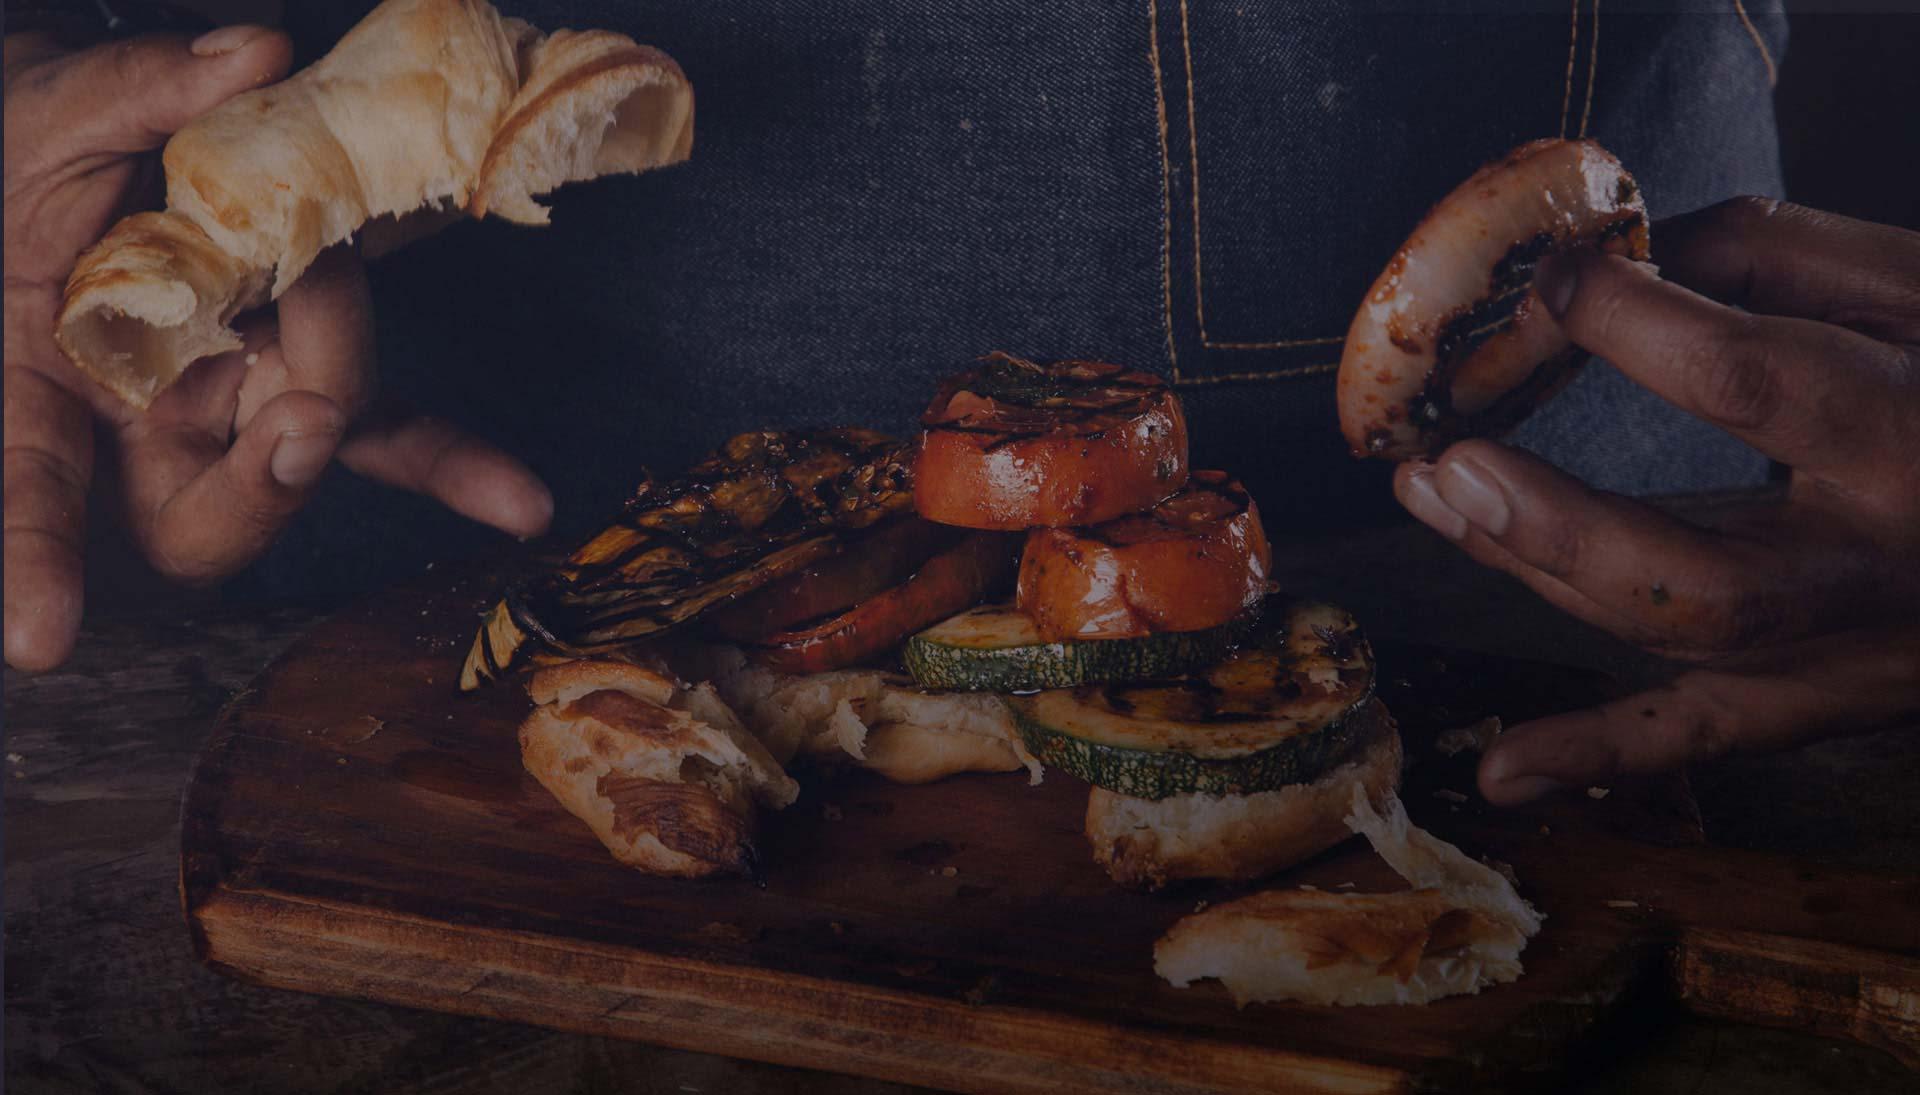 Chef Cusqueño Fabricio Durand preparando un delicioso croissant vegetariano en la cocina de Green Point Restaurants Cusco.